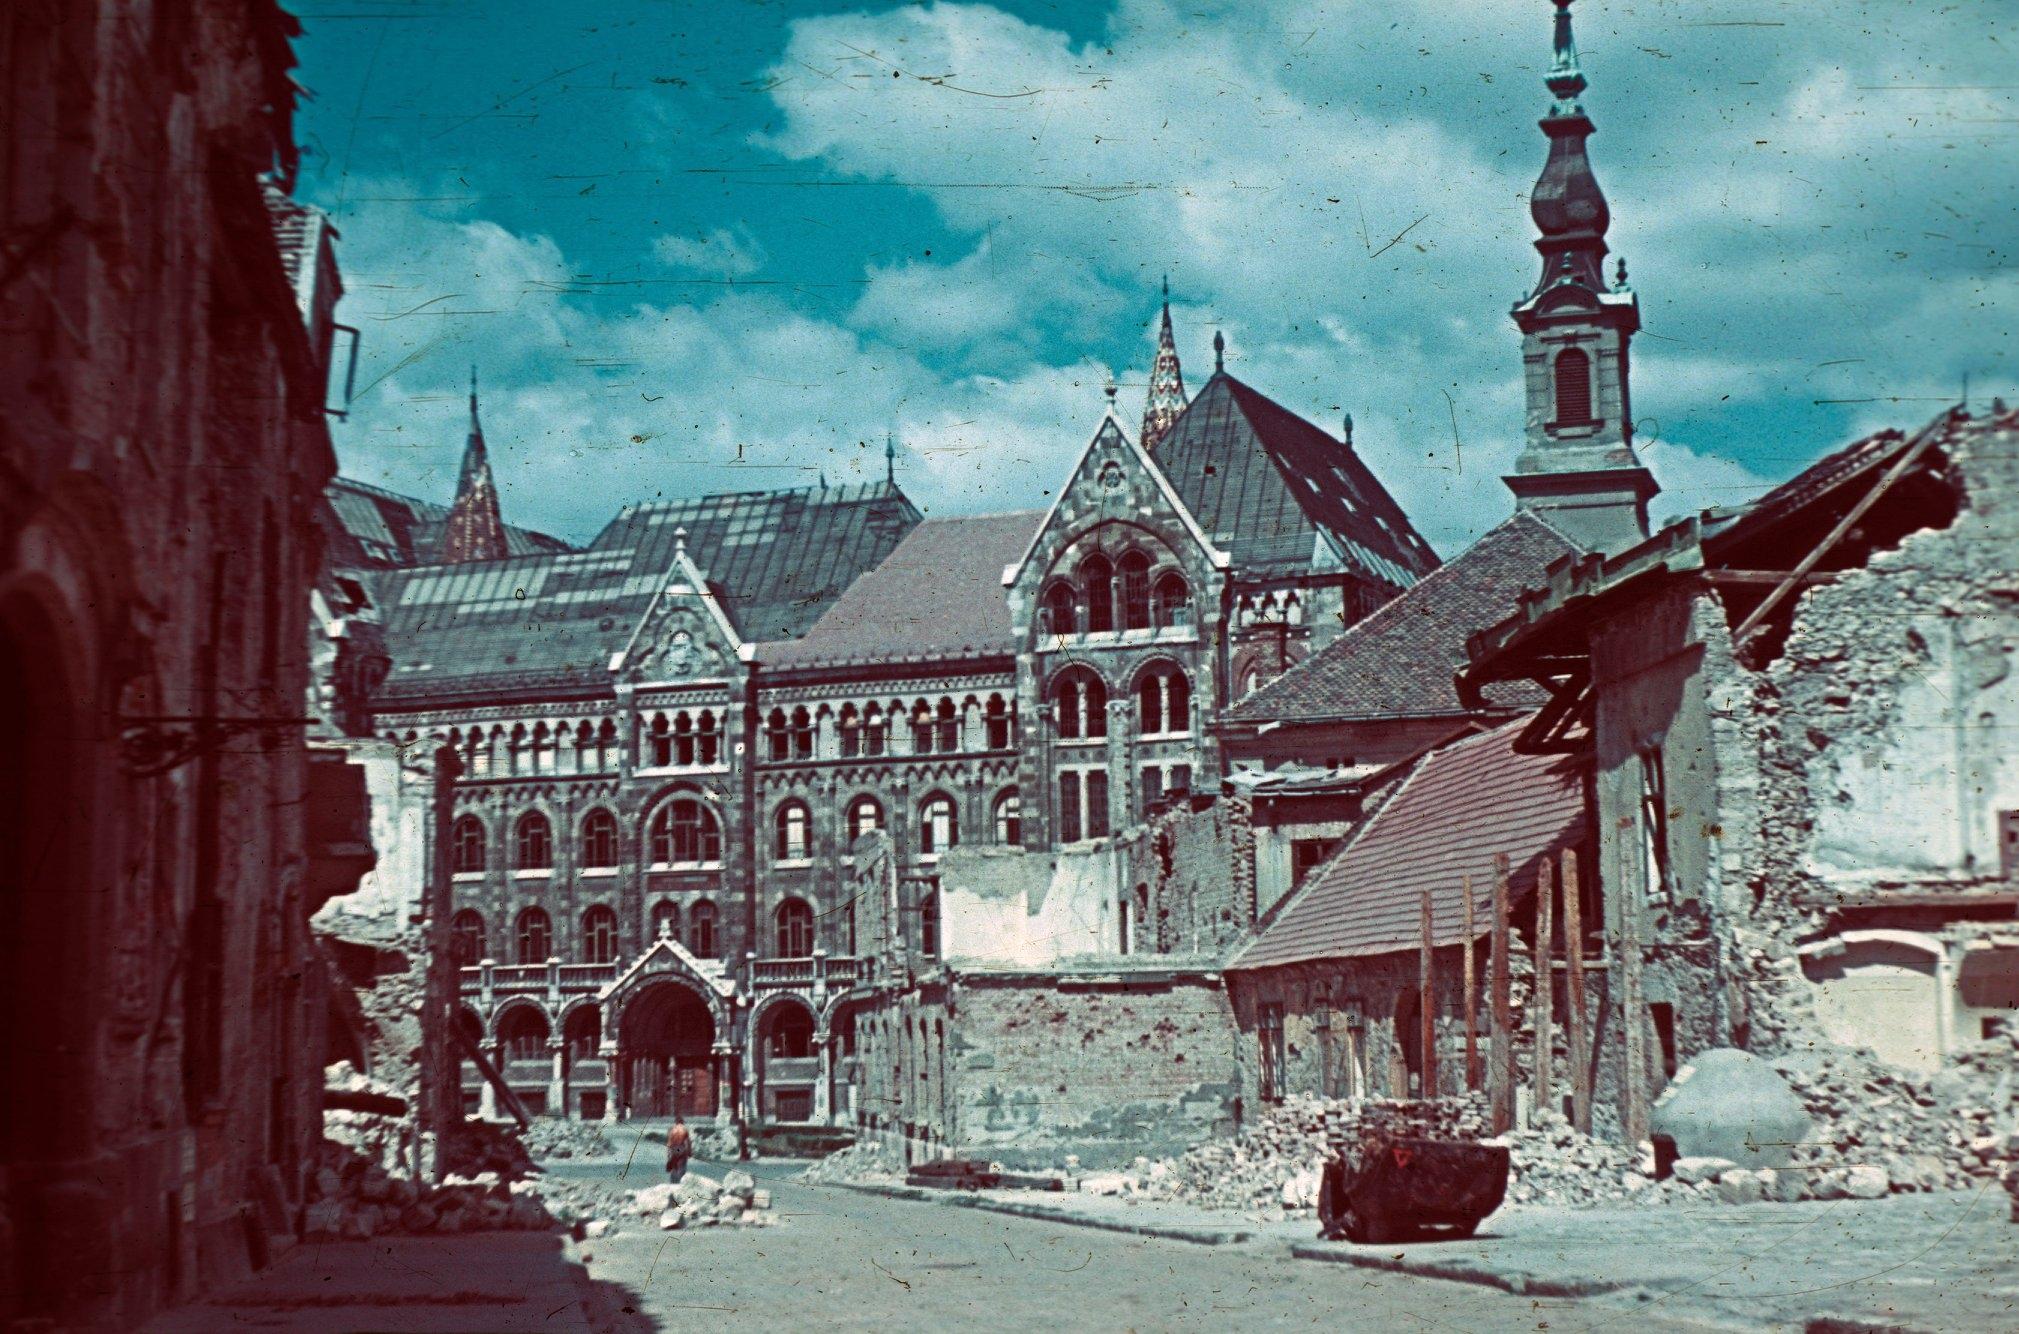 Fortuna utca a Bécsi kapu tér felé nézve, szemben a Magyar Országos Levéltár épülete, 1945 – Fotó: Fortepan / Schermann Ákos